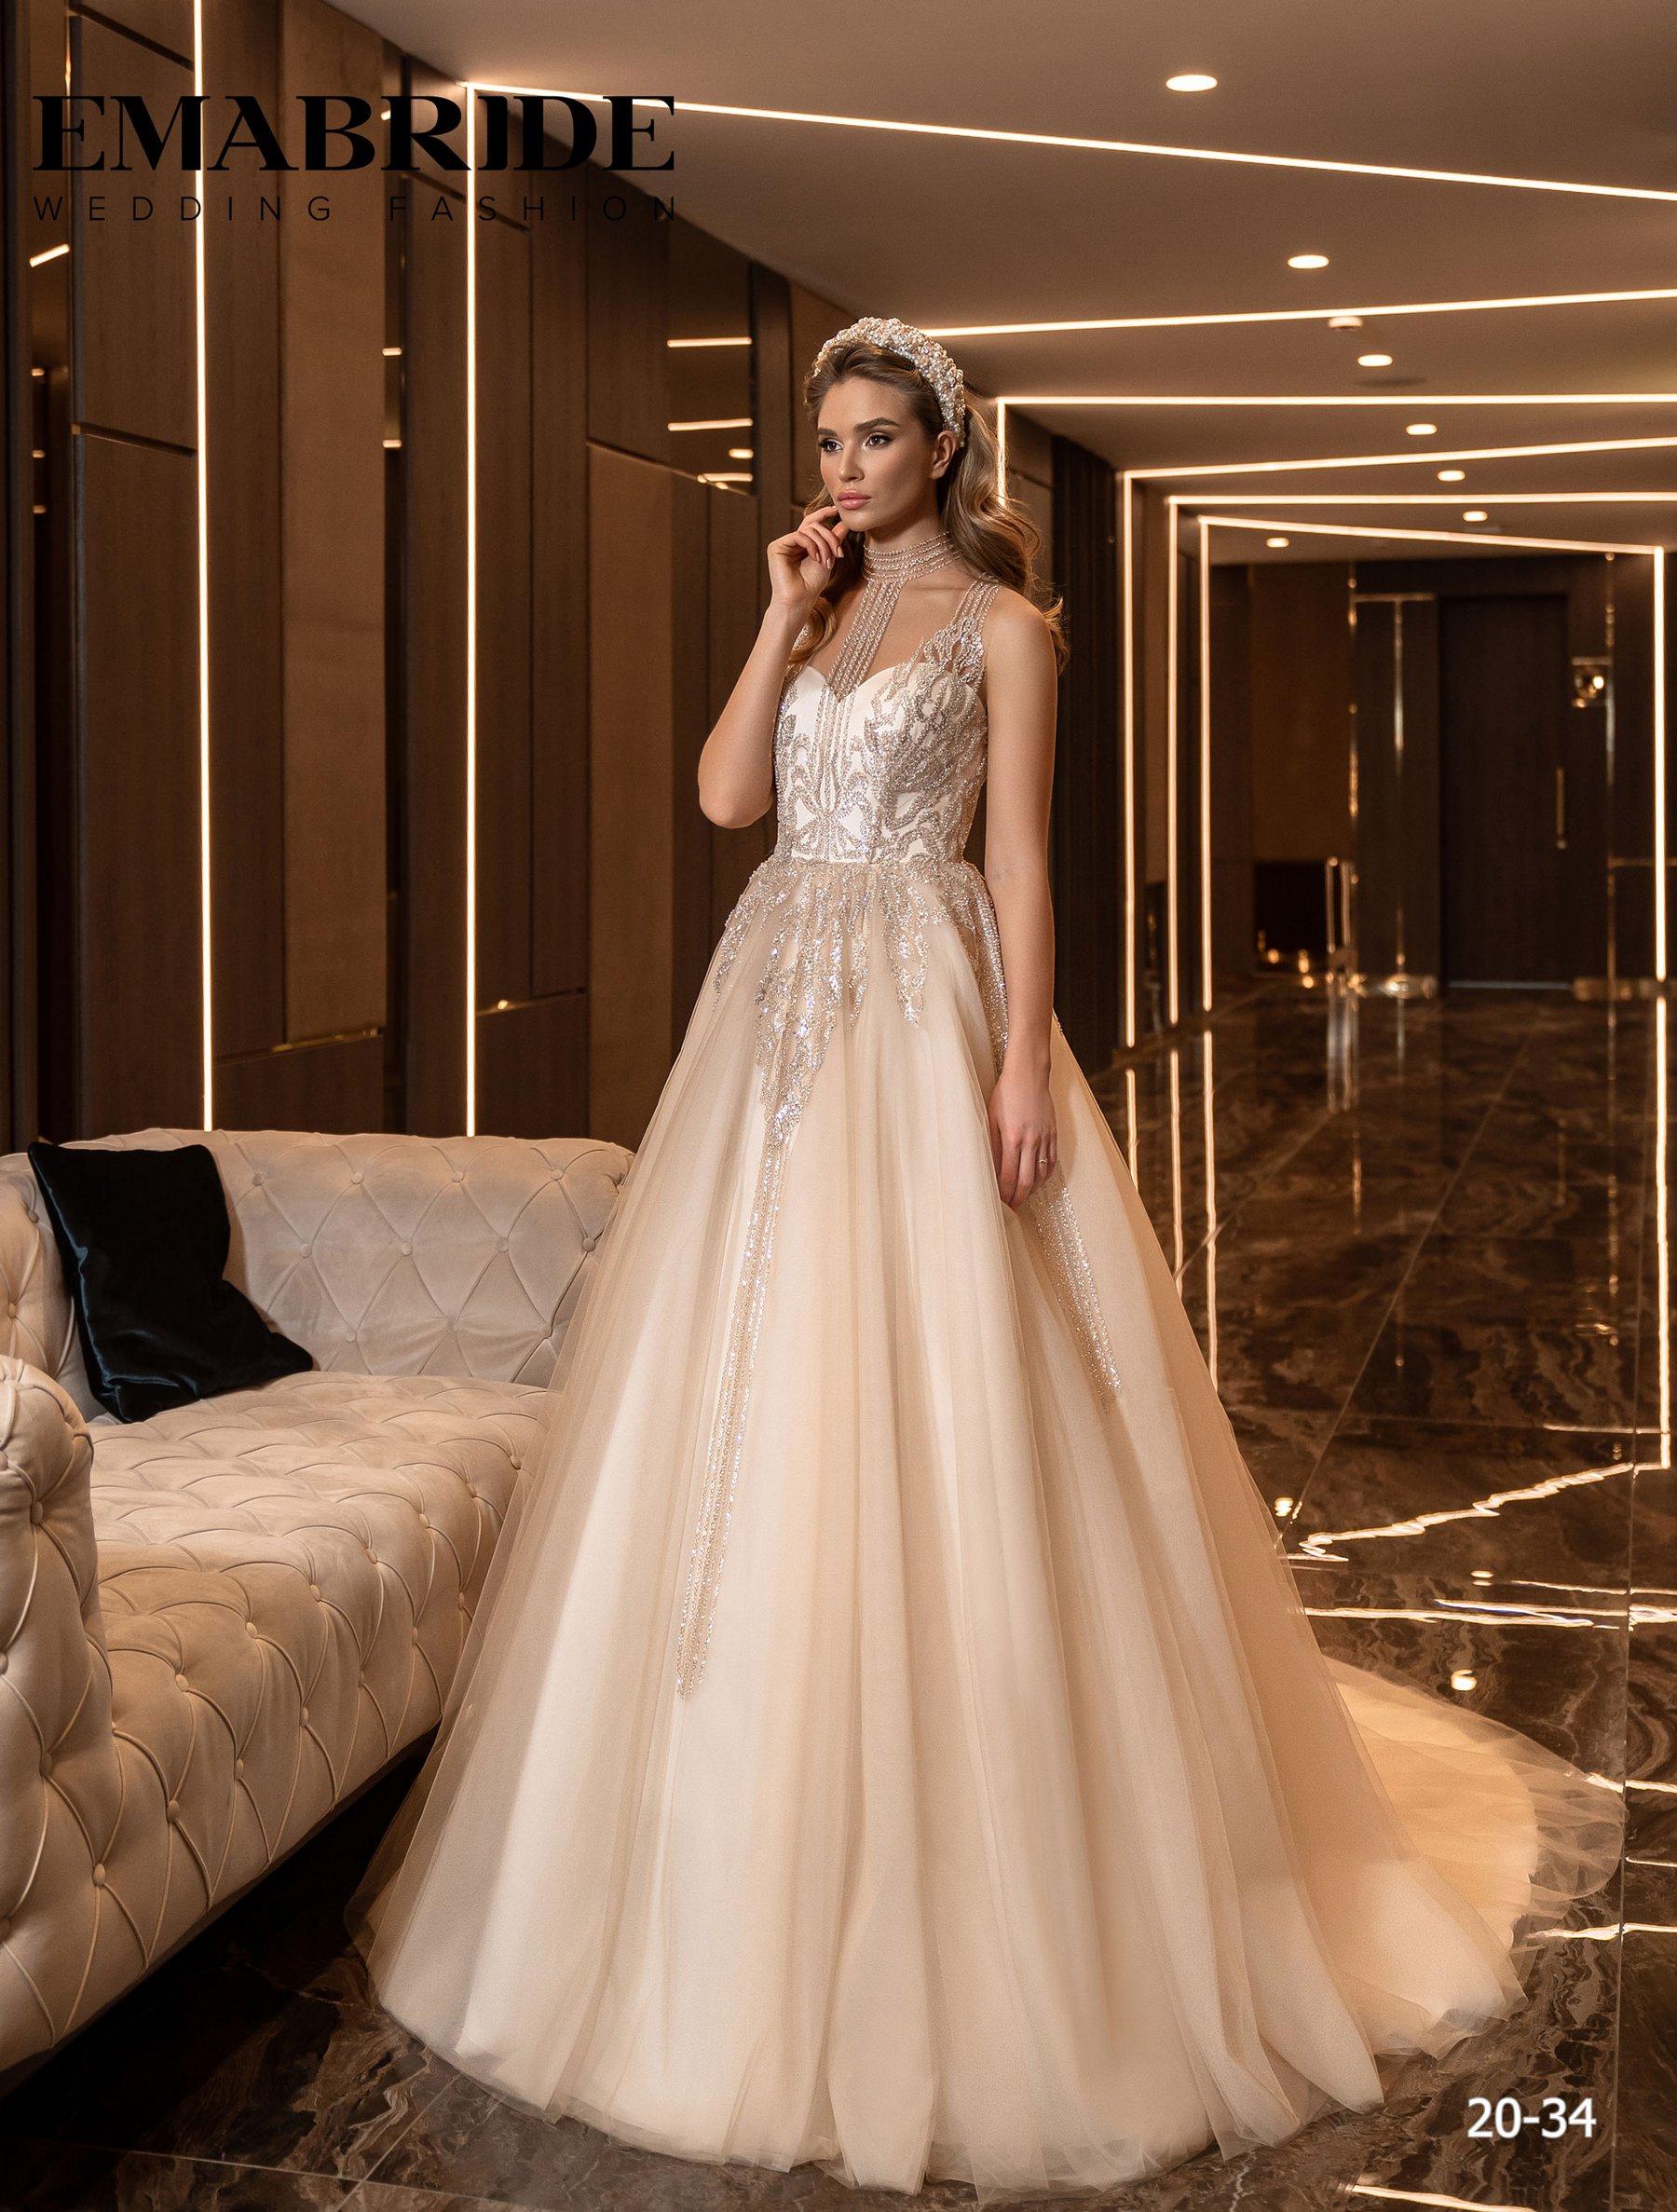 Свадебное платье с фатиновой юбкой и аппликациями оптом от Ema Bride